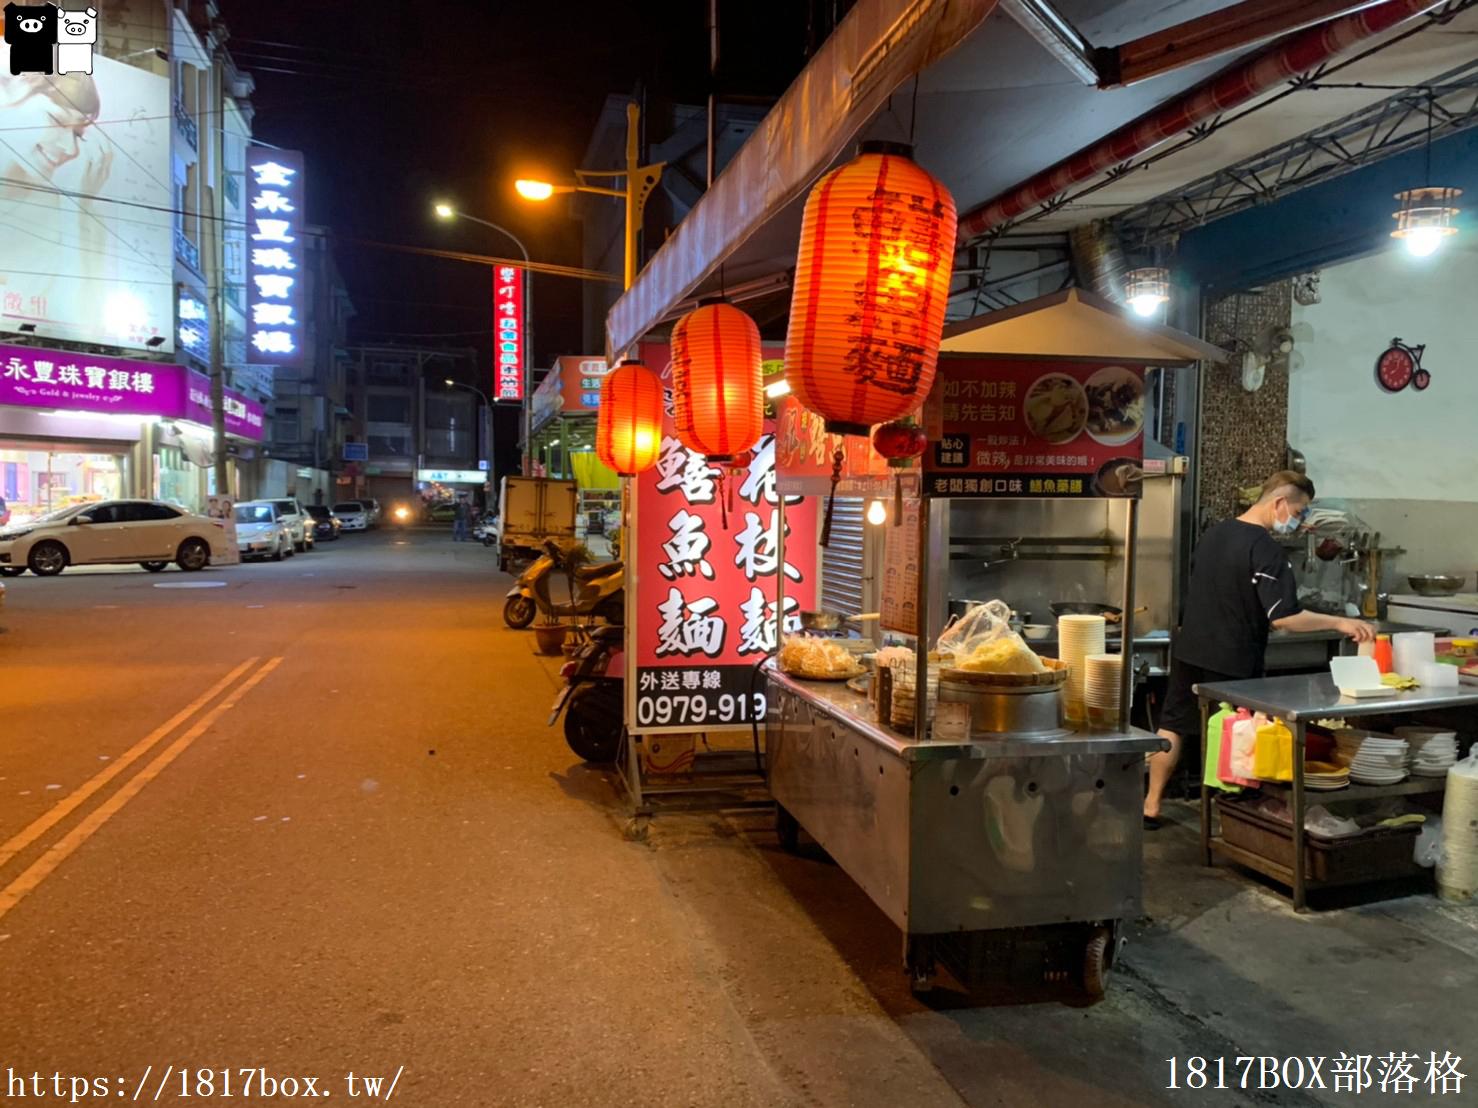 【雲林。虎尾】台南風味小吃。伍家虎尾鱔魚麵 @1817BOX部落格